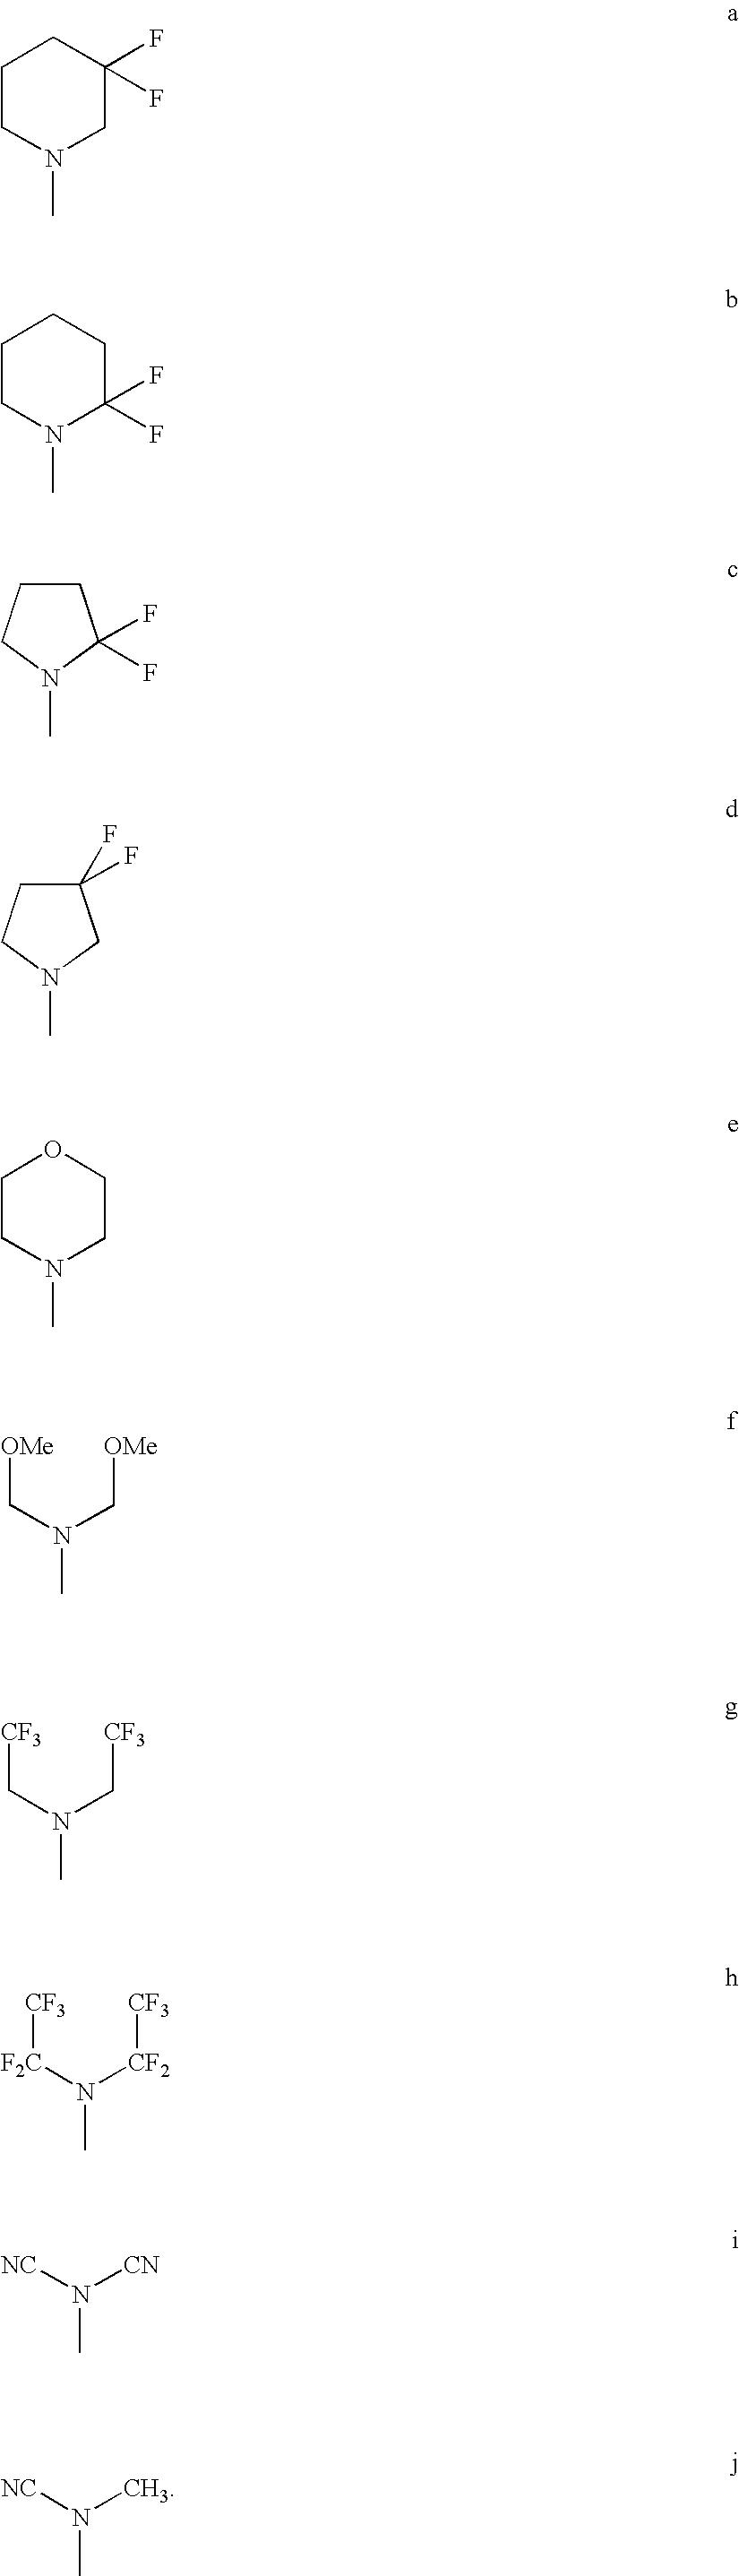 Figure US20100041243A1-20100218-C00014